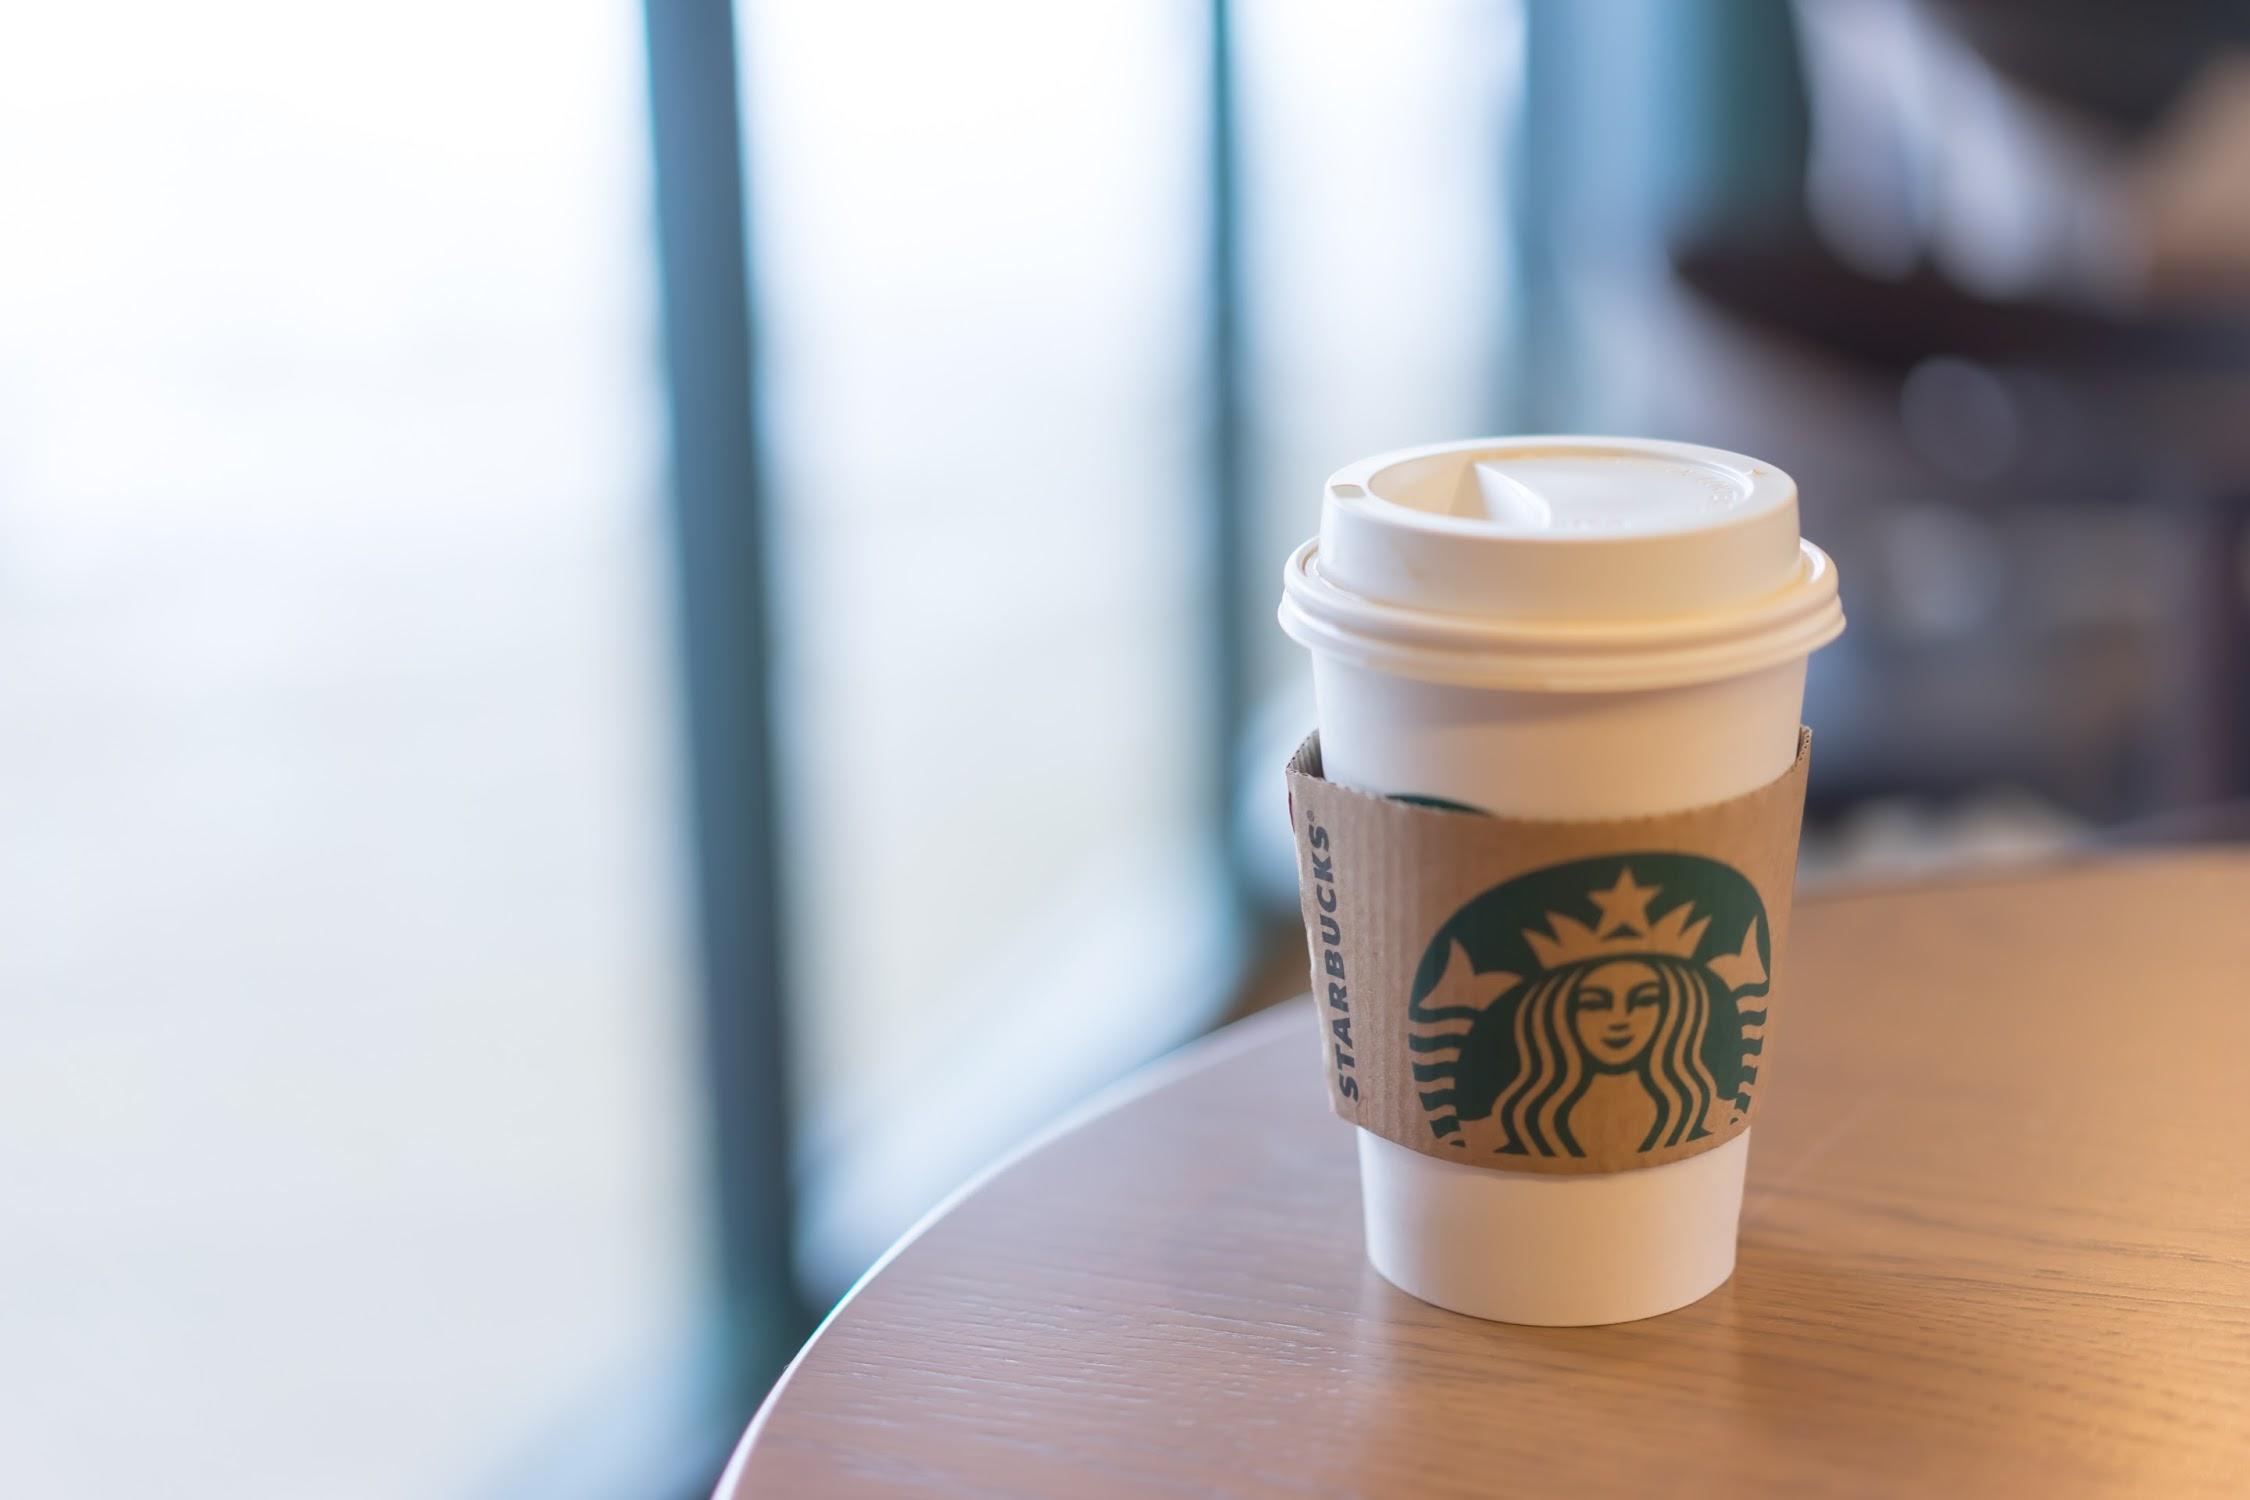 Hakodate Starbucks